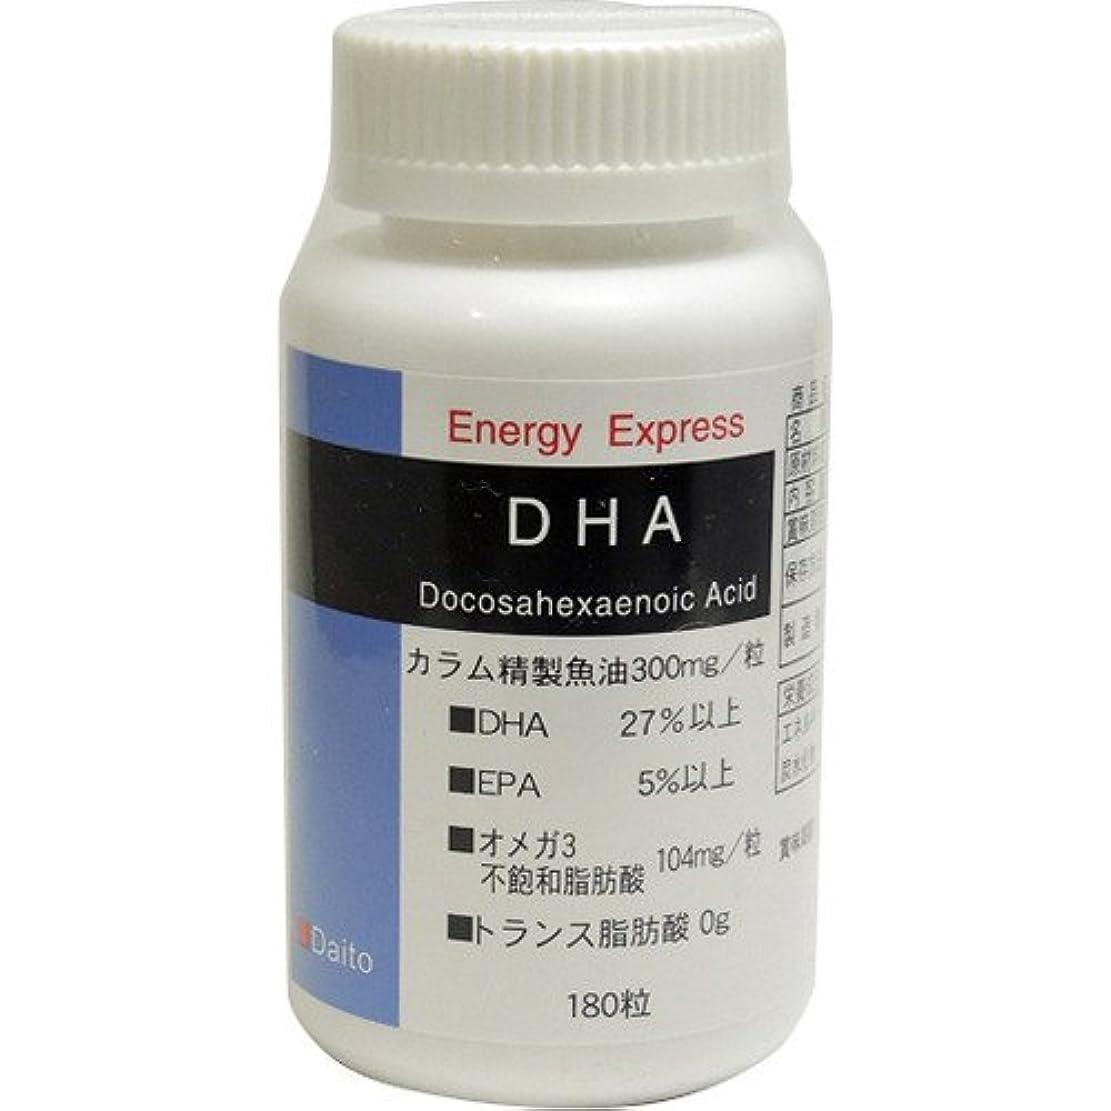 ポット斧遺跡ダイトー水産 エナジーエキスプレス DHA 445mg×180粒入り